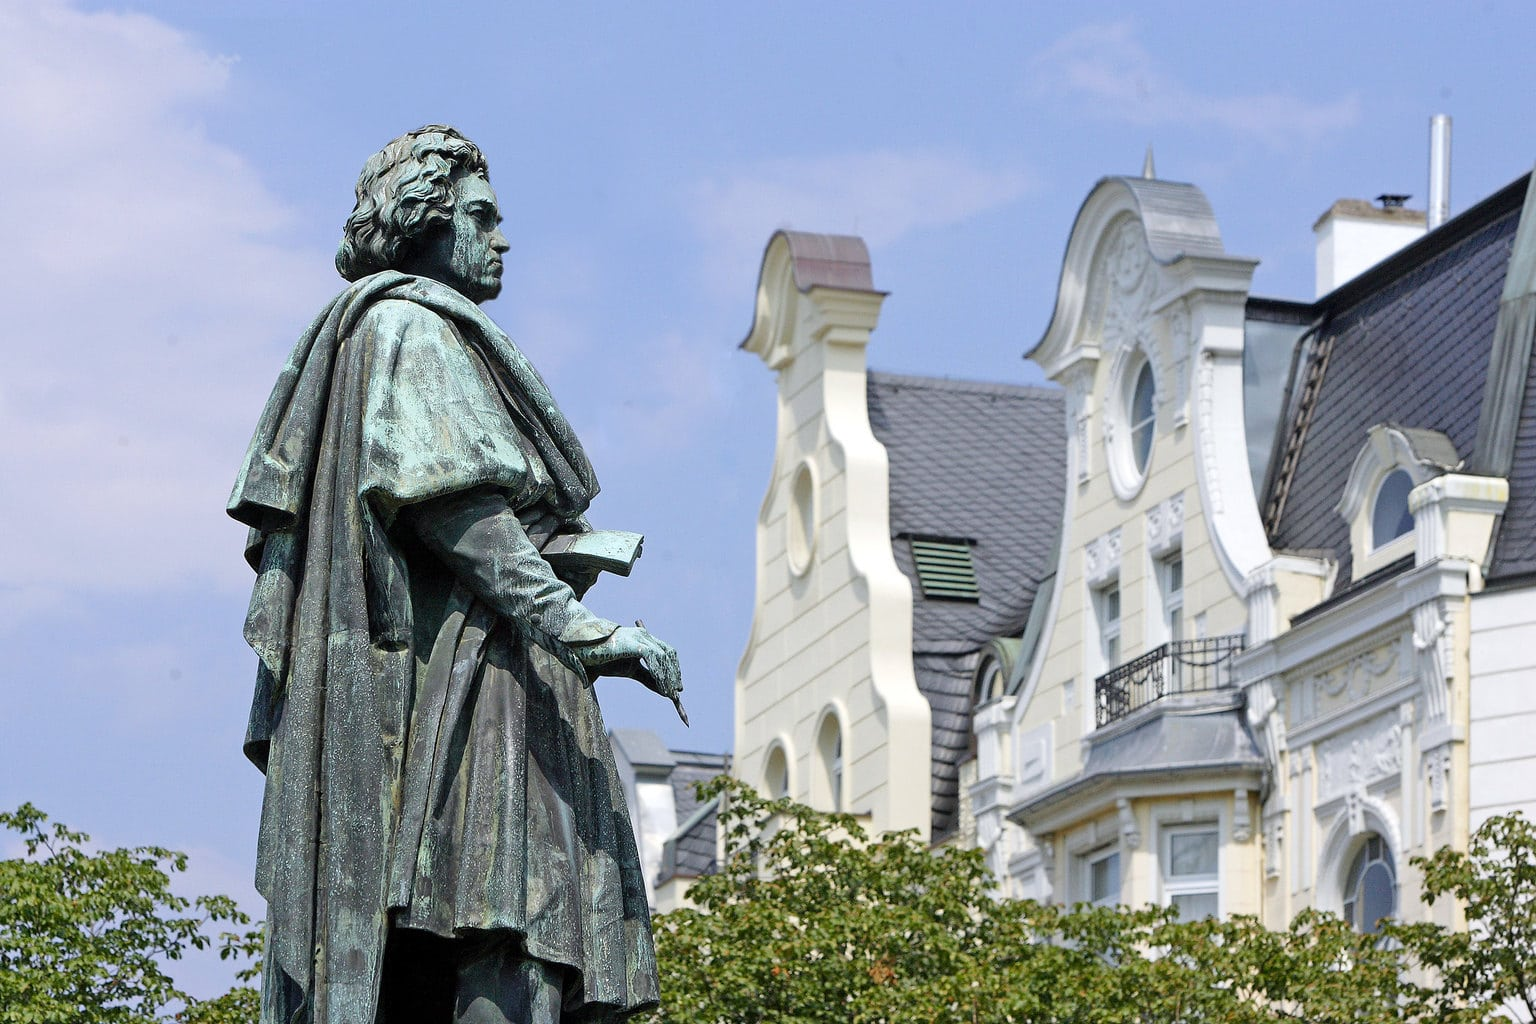 Standbeeld van Beethoven, de meest beroemde zoon van de stad Bonn